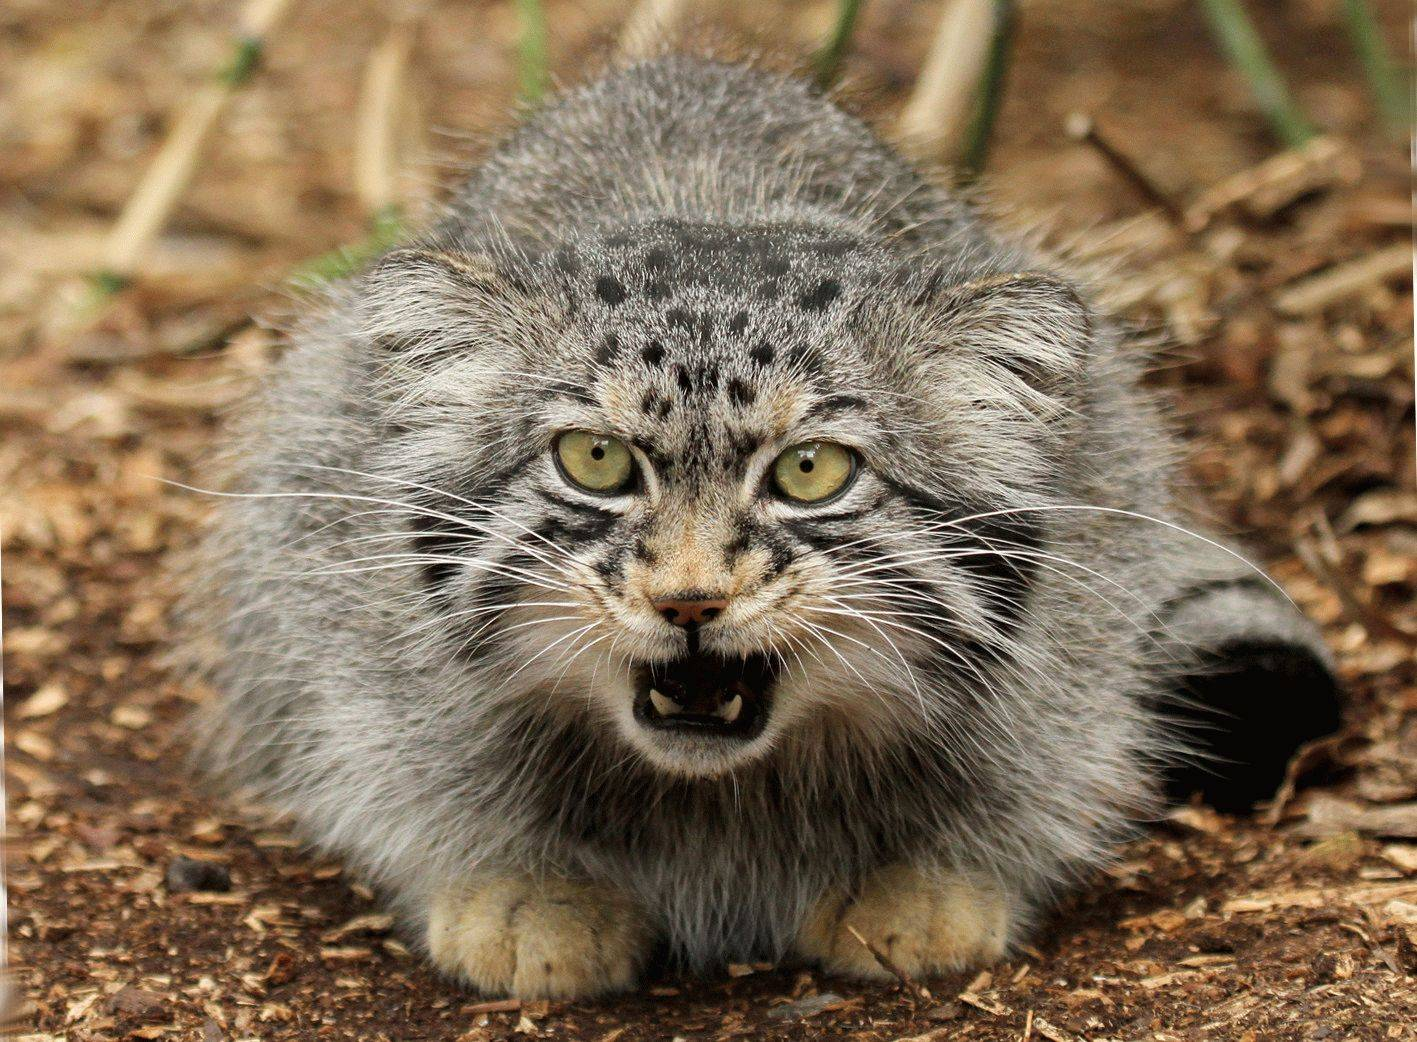 Дикий кот манул: история открытия и особенности вида, фото котёнка и взрослой кошки, ареал обитания и образ жизни